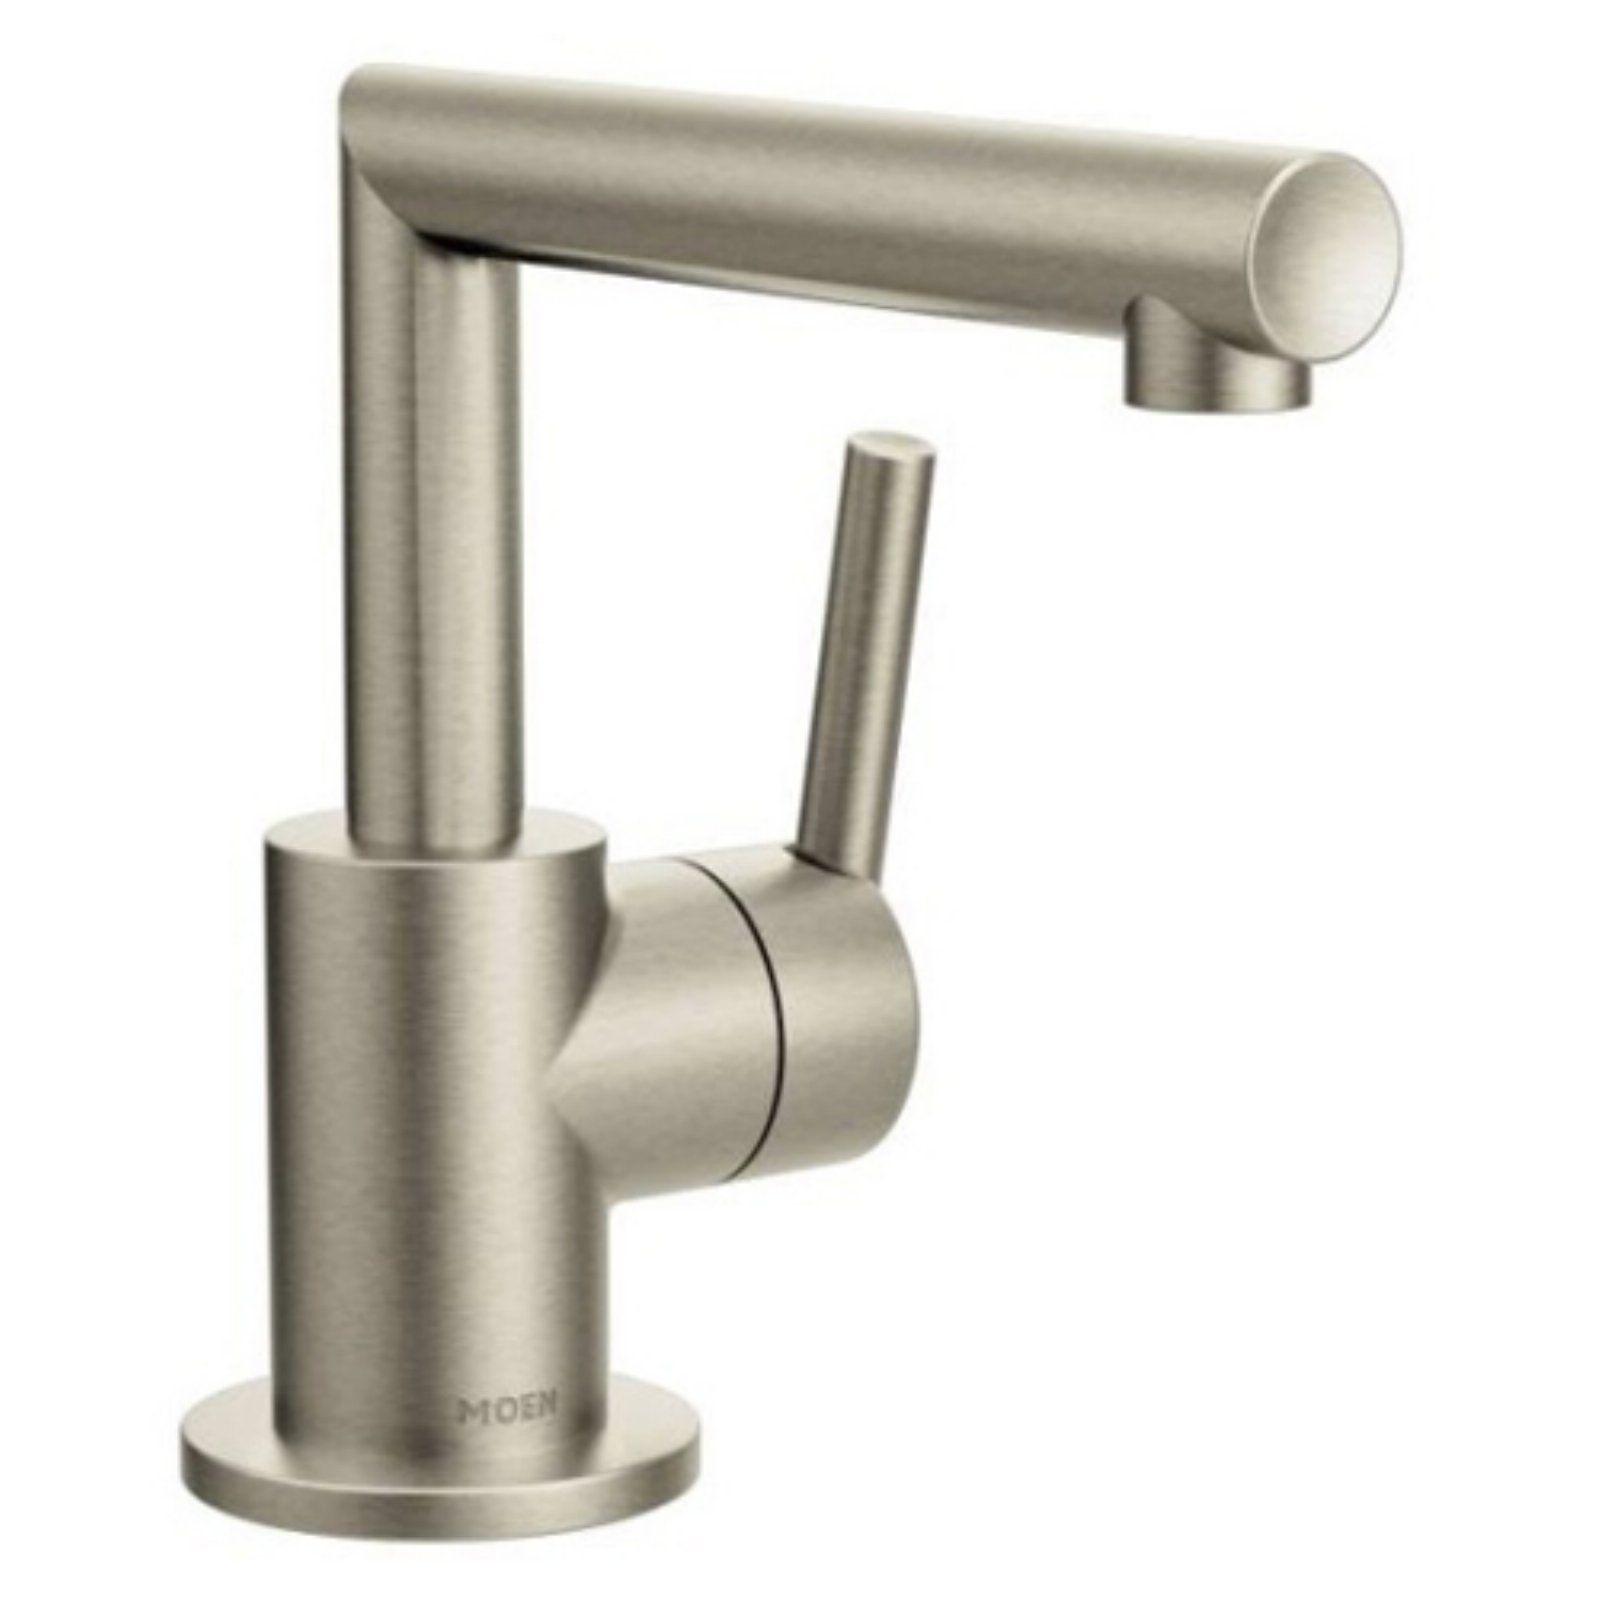 Moen Arris Brushed Nickel One Handle Bathroom Faucet Bathroom